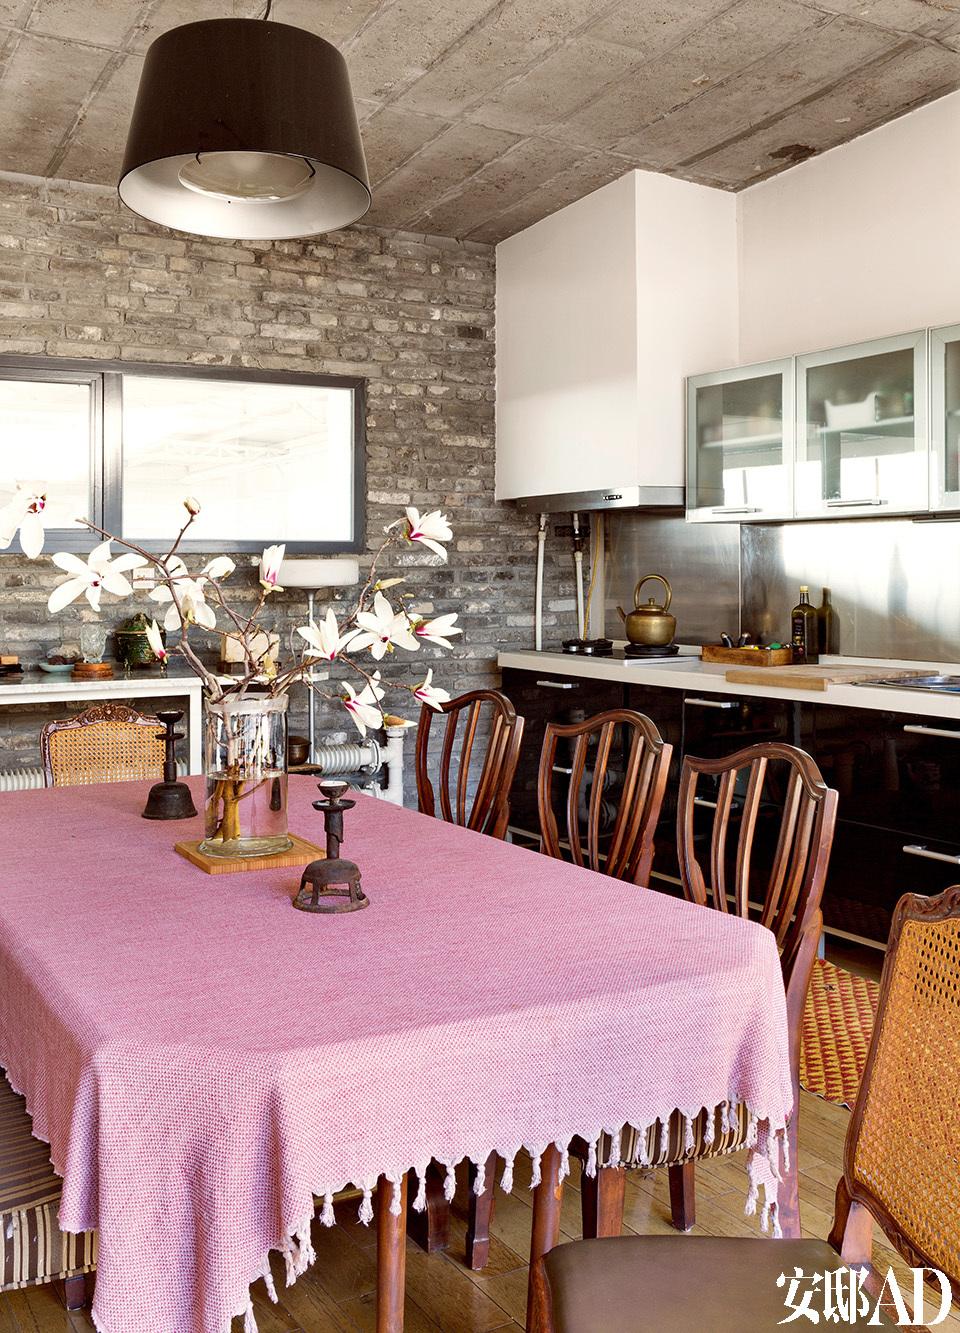 一层、二层两个餐桌,黄锐喜欢美食,他的家宴也早已在圈中闻名。除了一层,二层的中央,也有一个小型餐 厅,灰紫色的亚麻布配上旧烛台,桌上放的是随手从院里剪来的玉兰花。